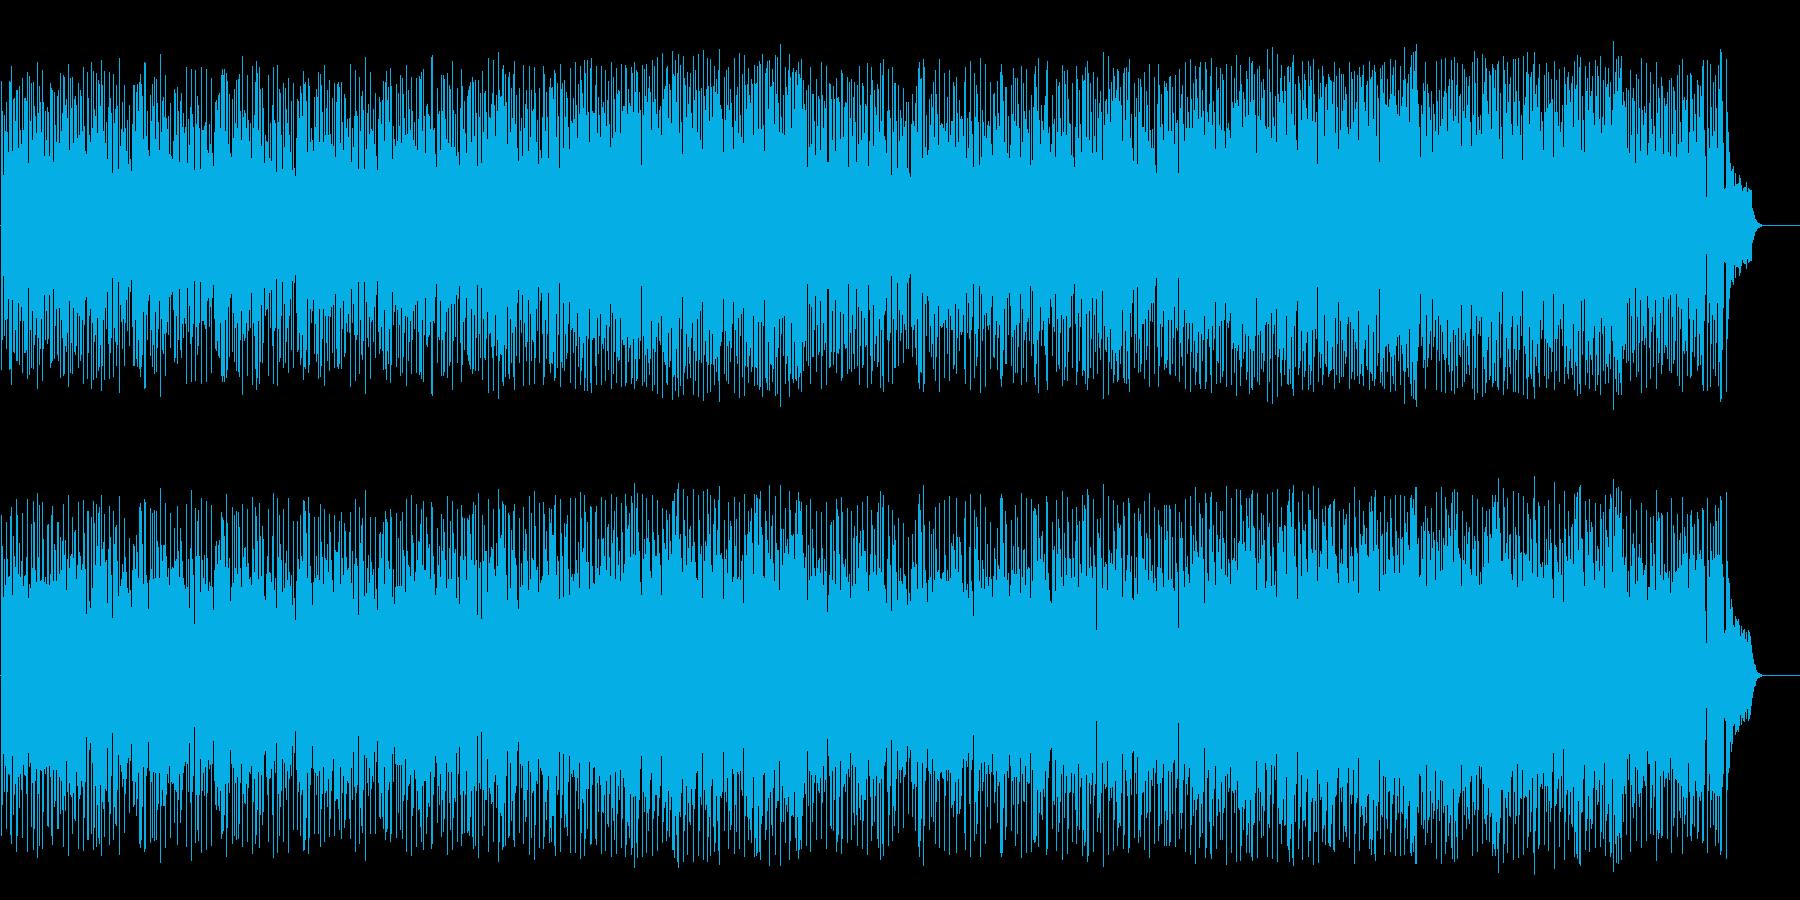 軽やかなフュージョン(フルサイズ)の再生済みの波形